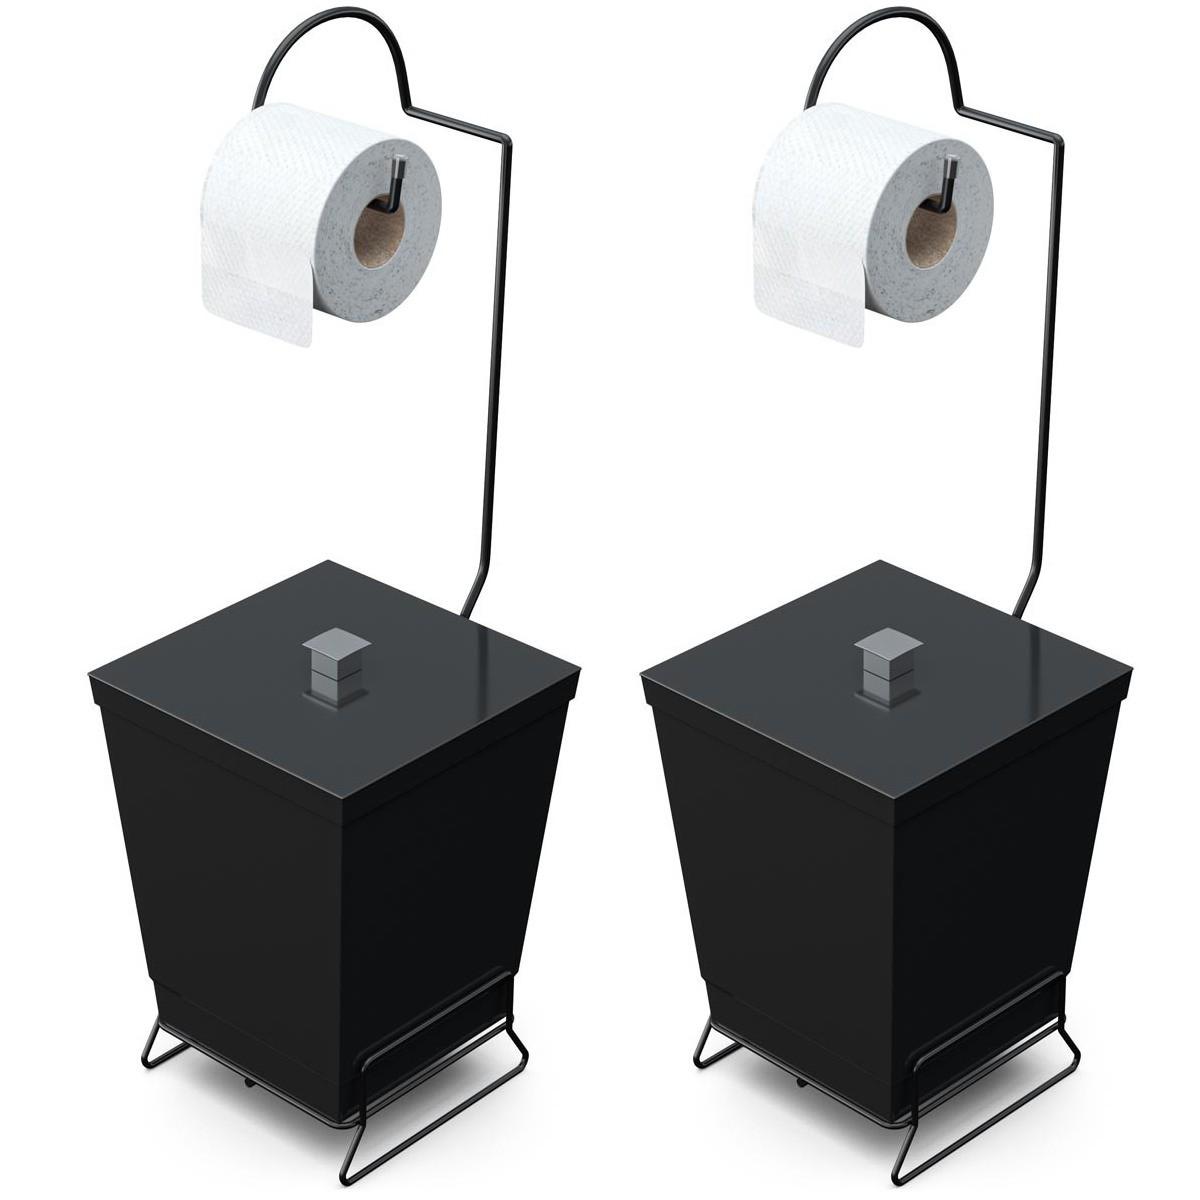 Kit 2 Lixeiras de Banheiro com Suporte p/ Papel Higiênico Black - Stolf